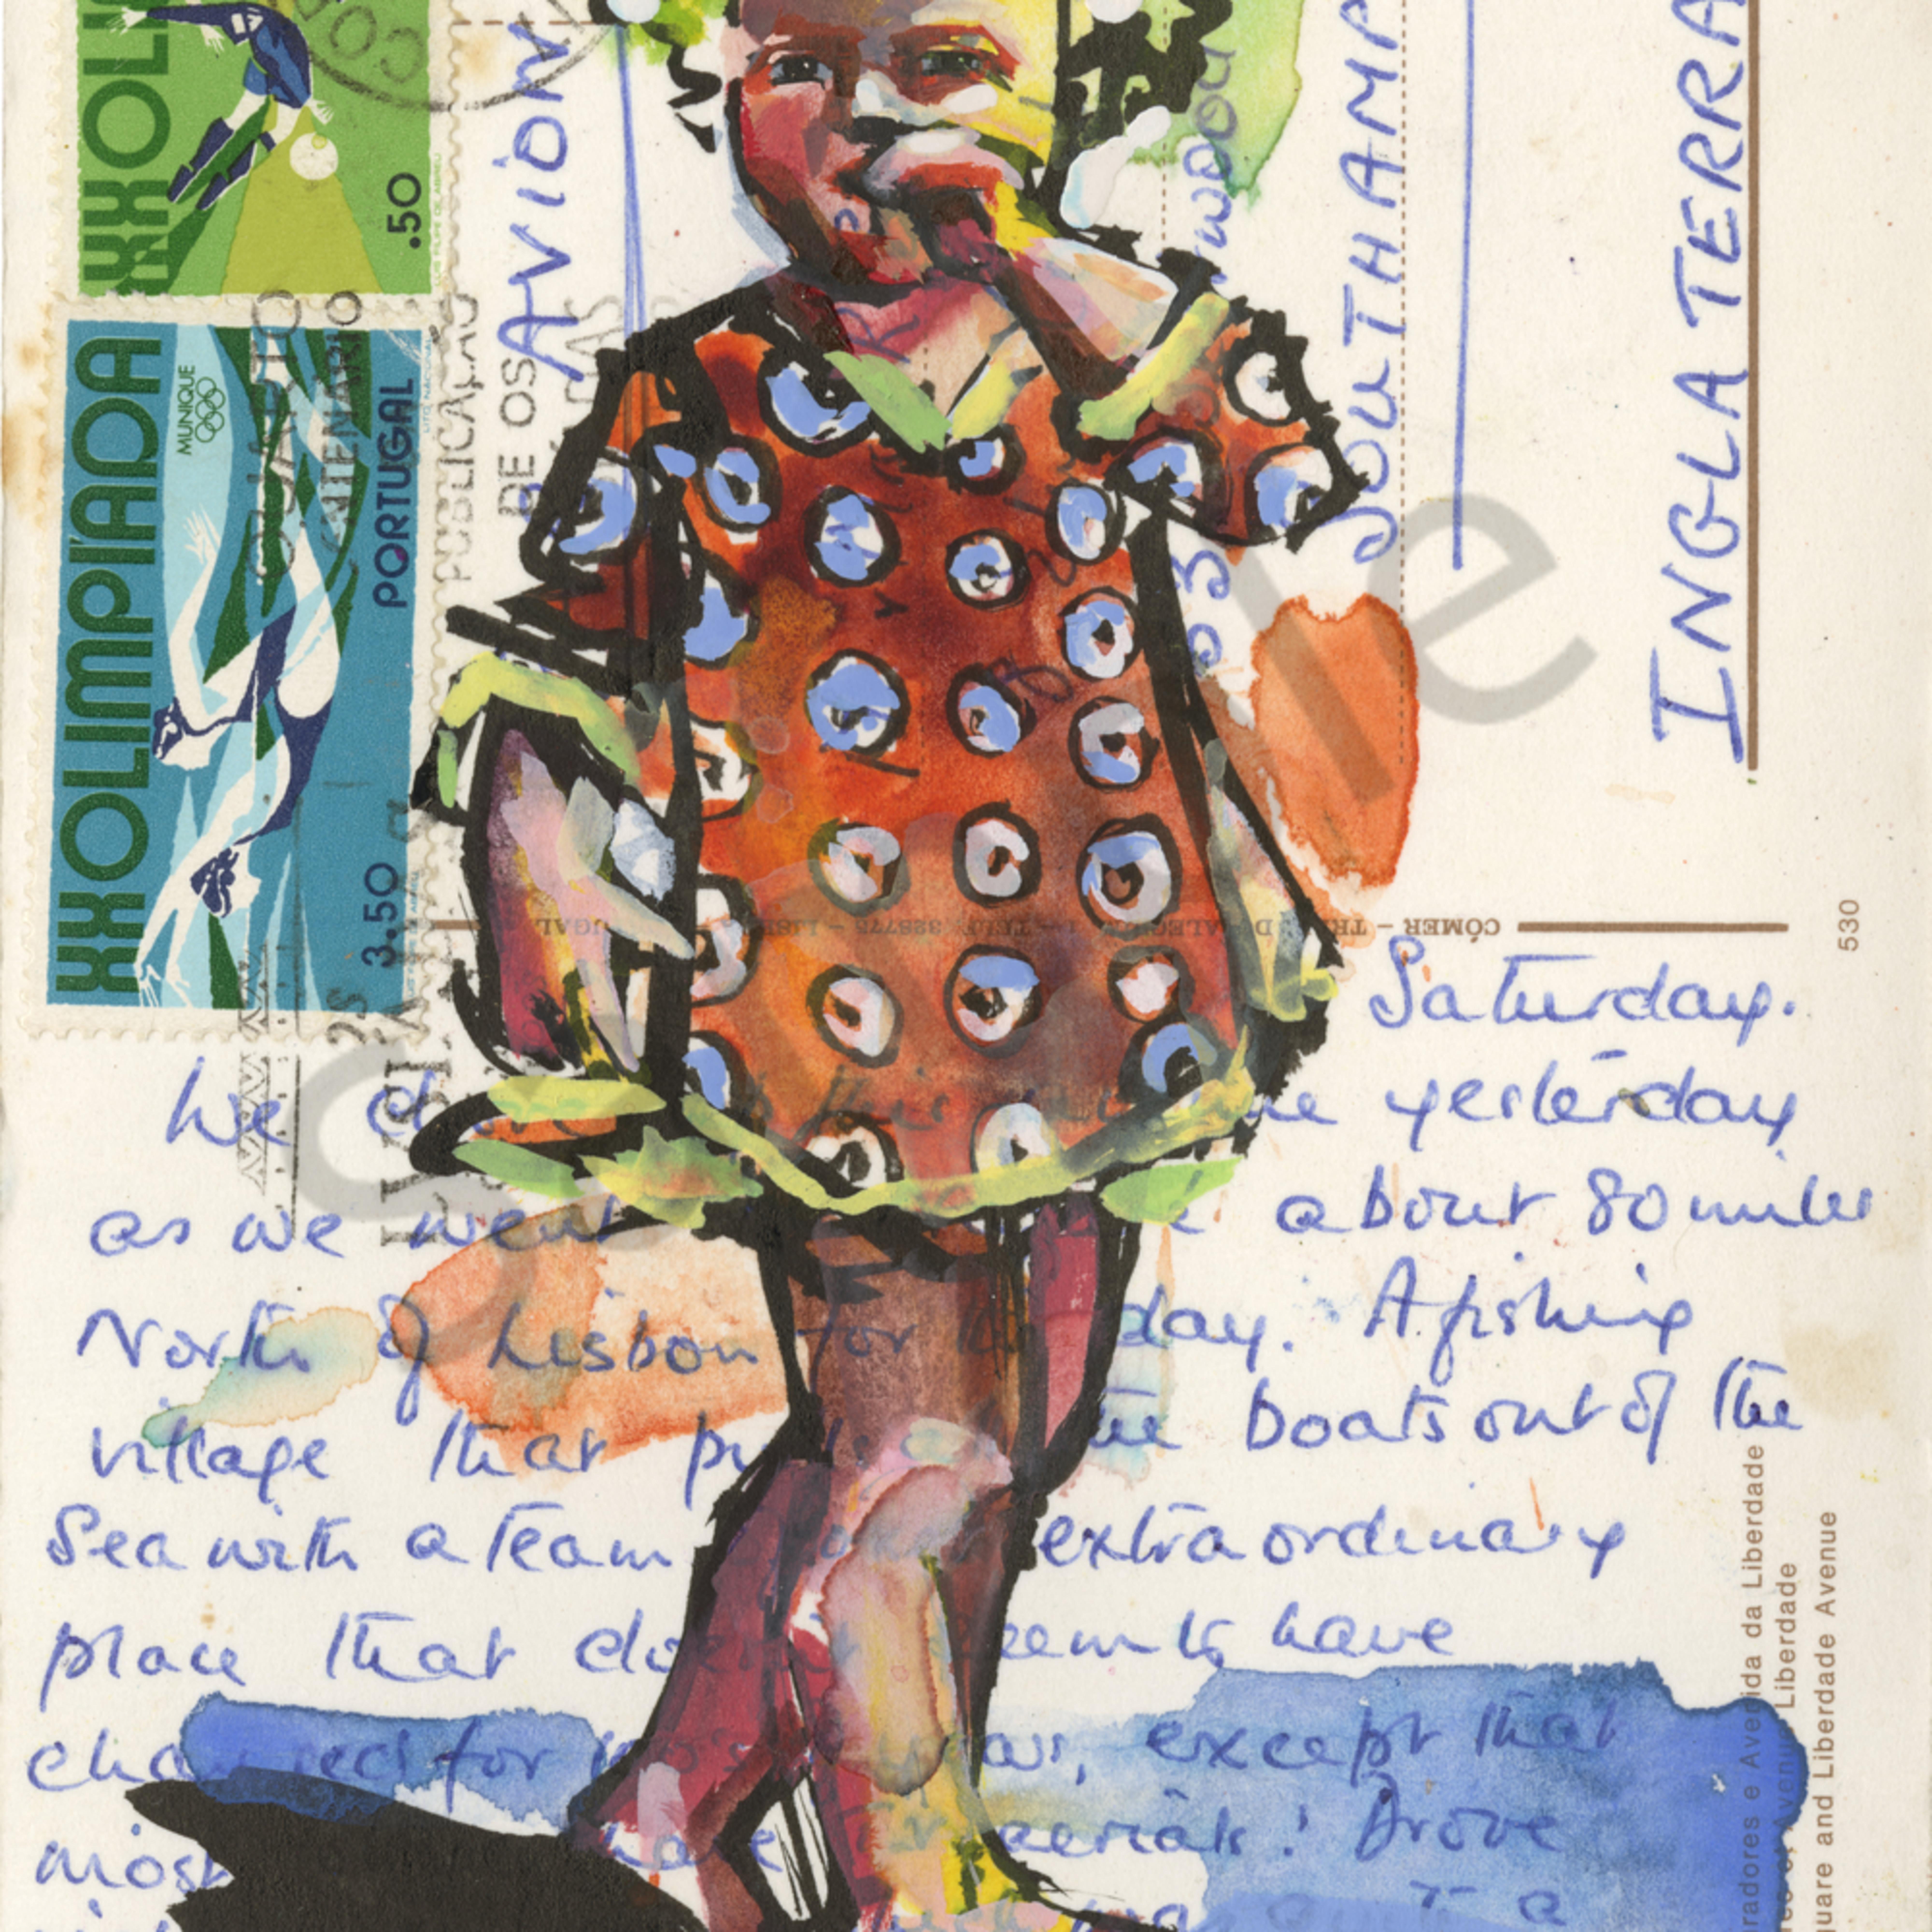 Postcard polkadot girll u6iqrg